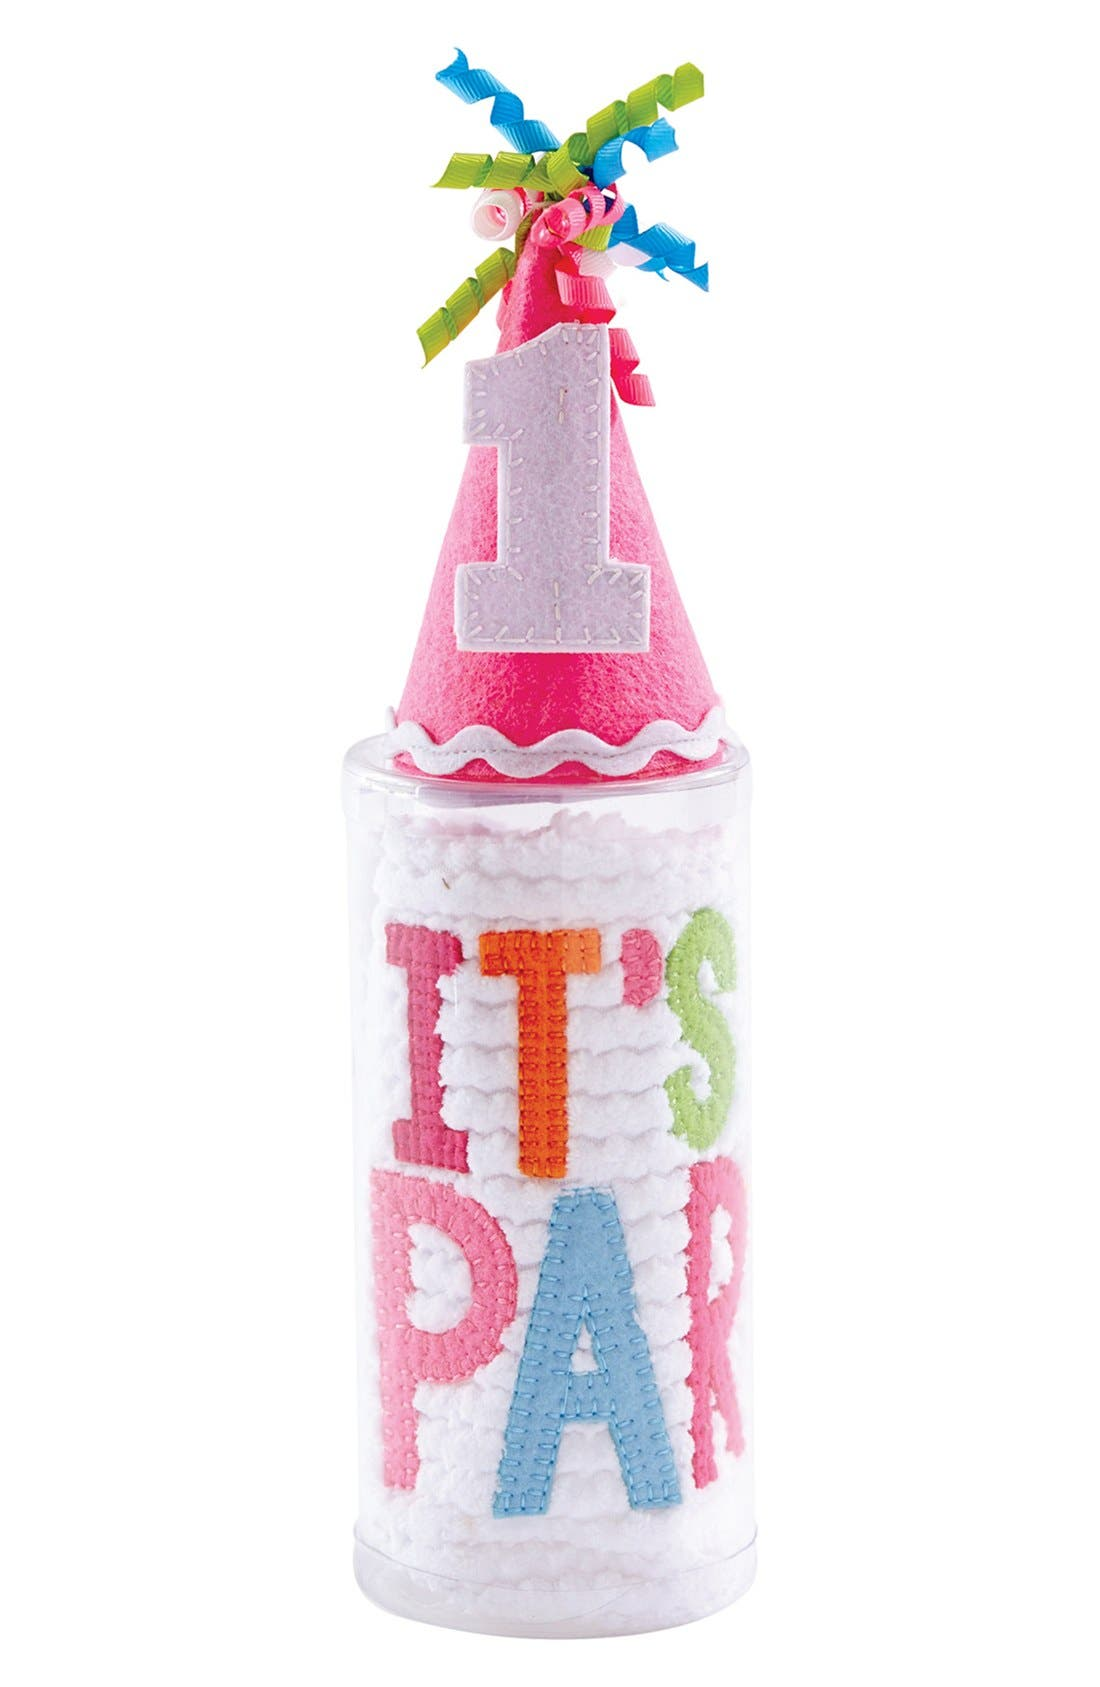 MUD PIE Cake Smashing Bib & Party Hat Set